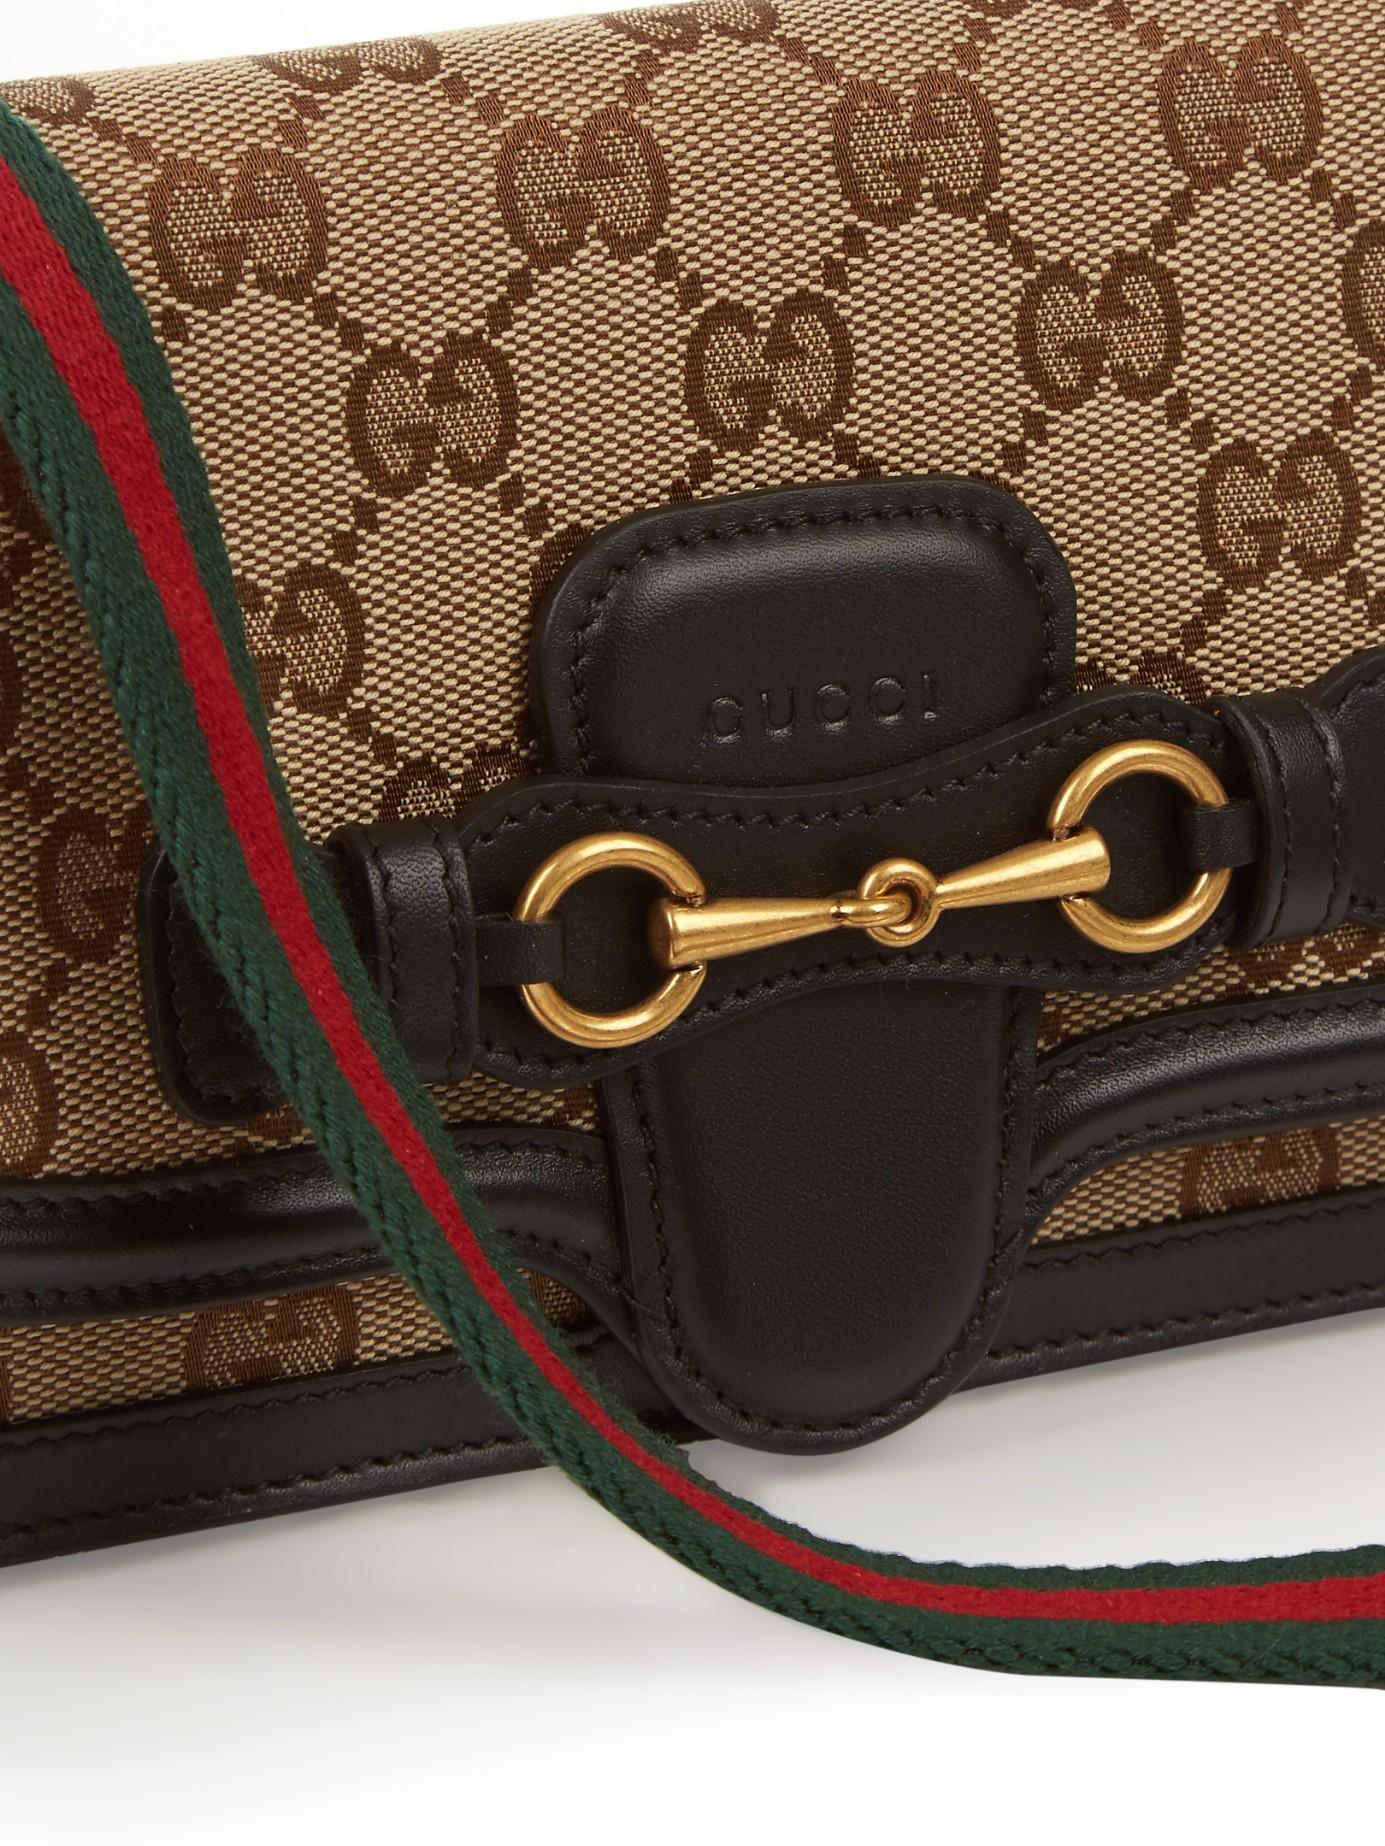 Lyst - Gucci Lady Web Cross-Body Bag in Black c23b109951363